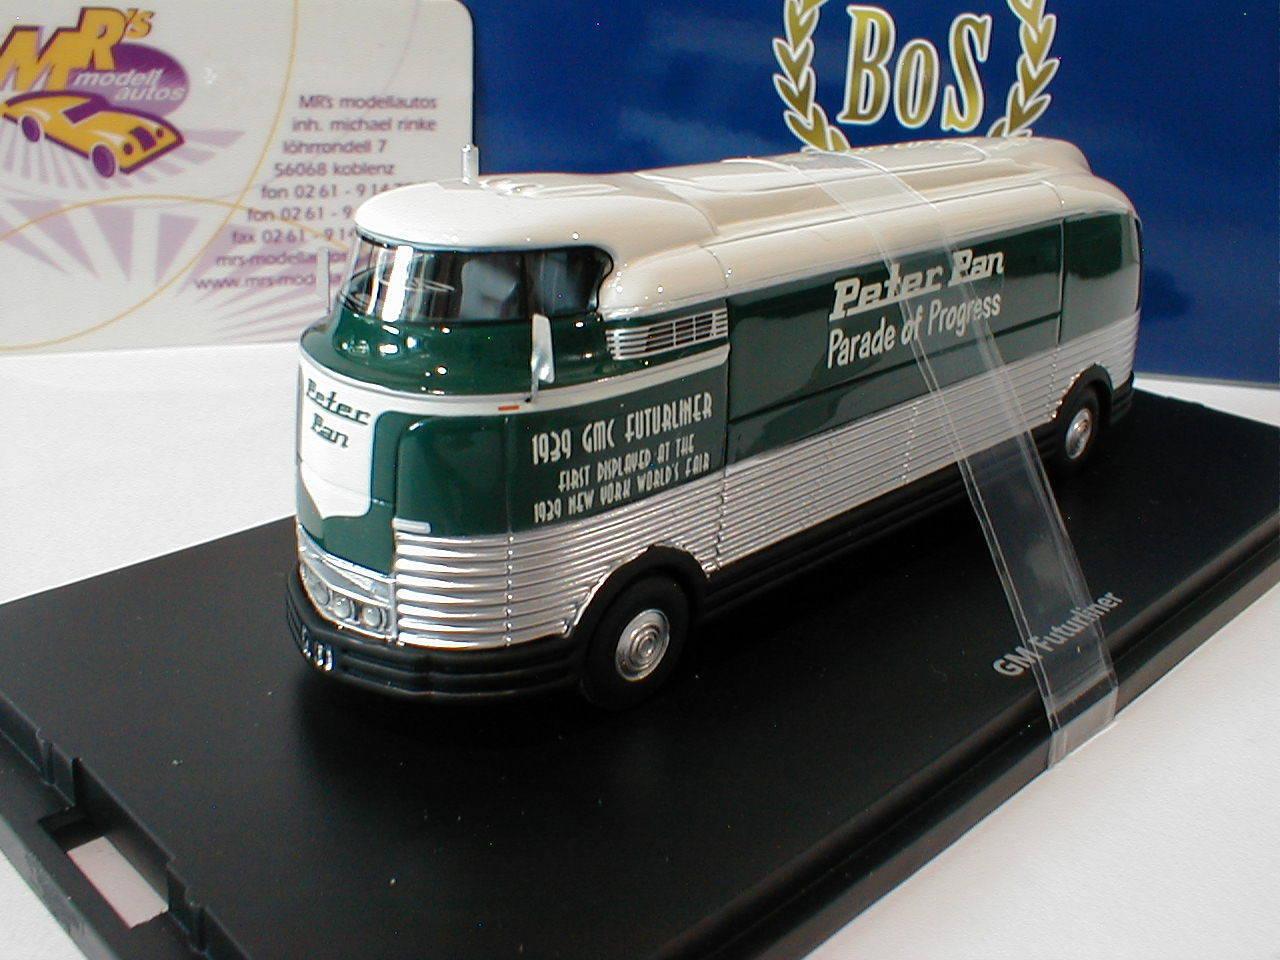 Best of Show 87266-GM Futurliner anno di costruzione 1941 in  bianco, verde, platao  1 87